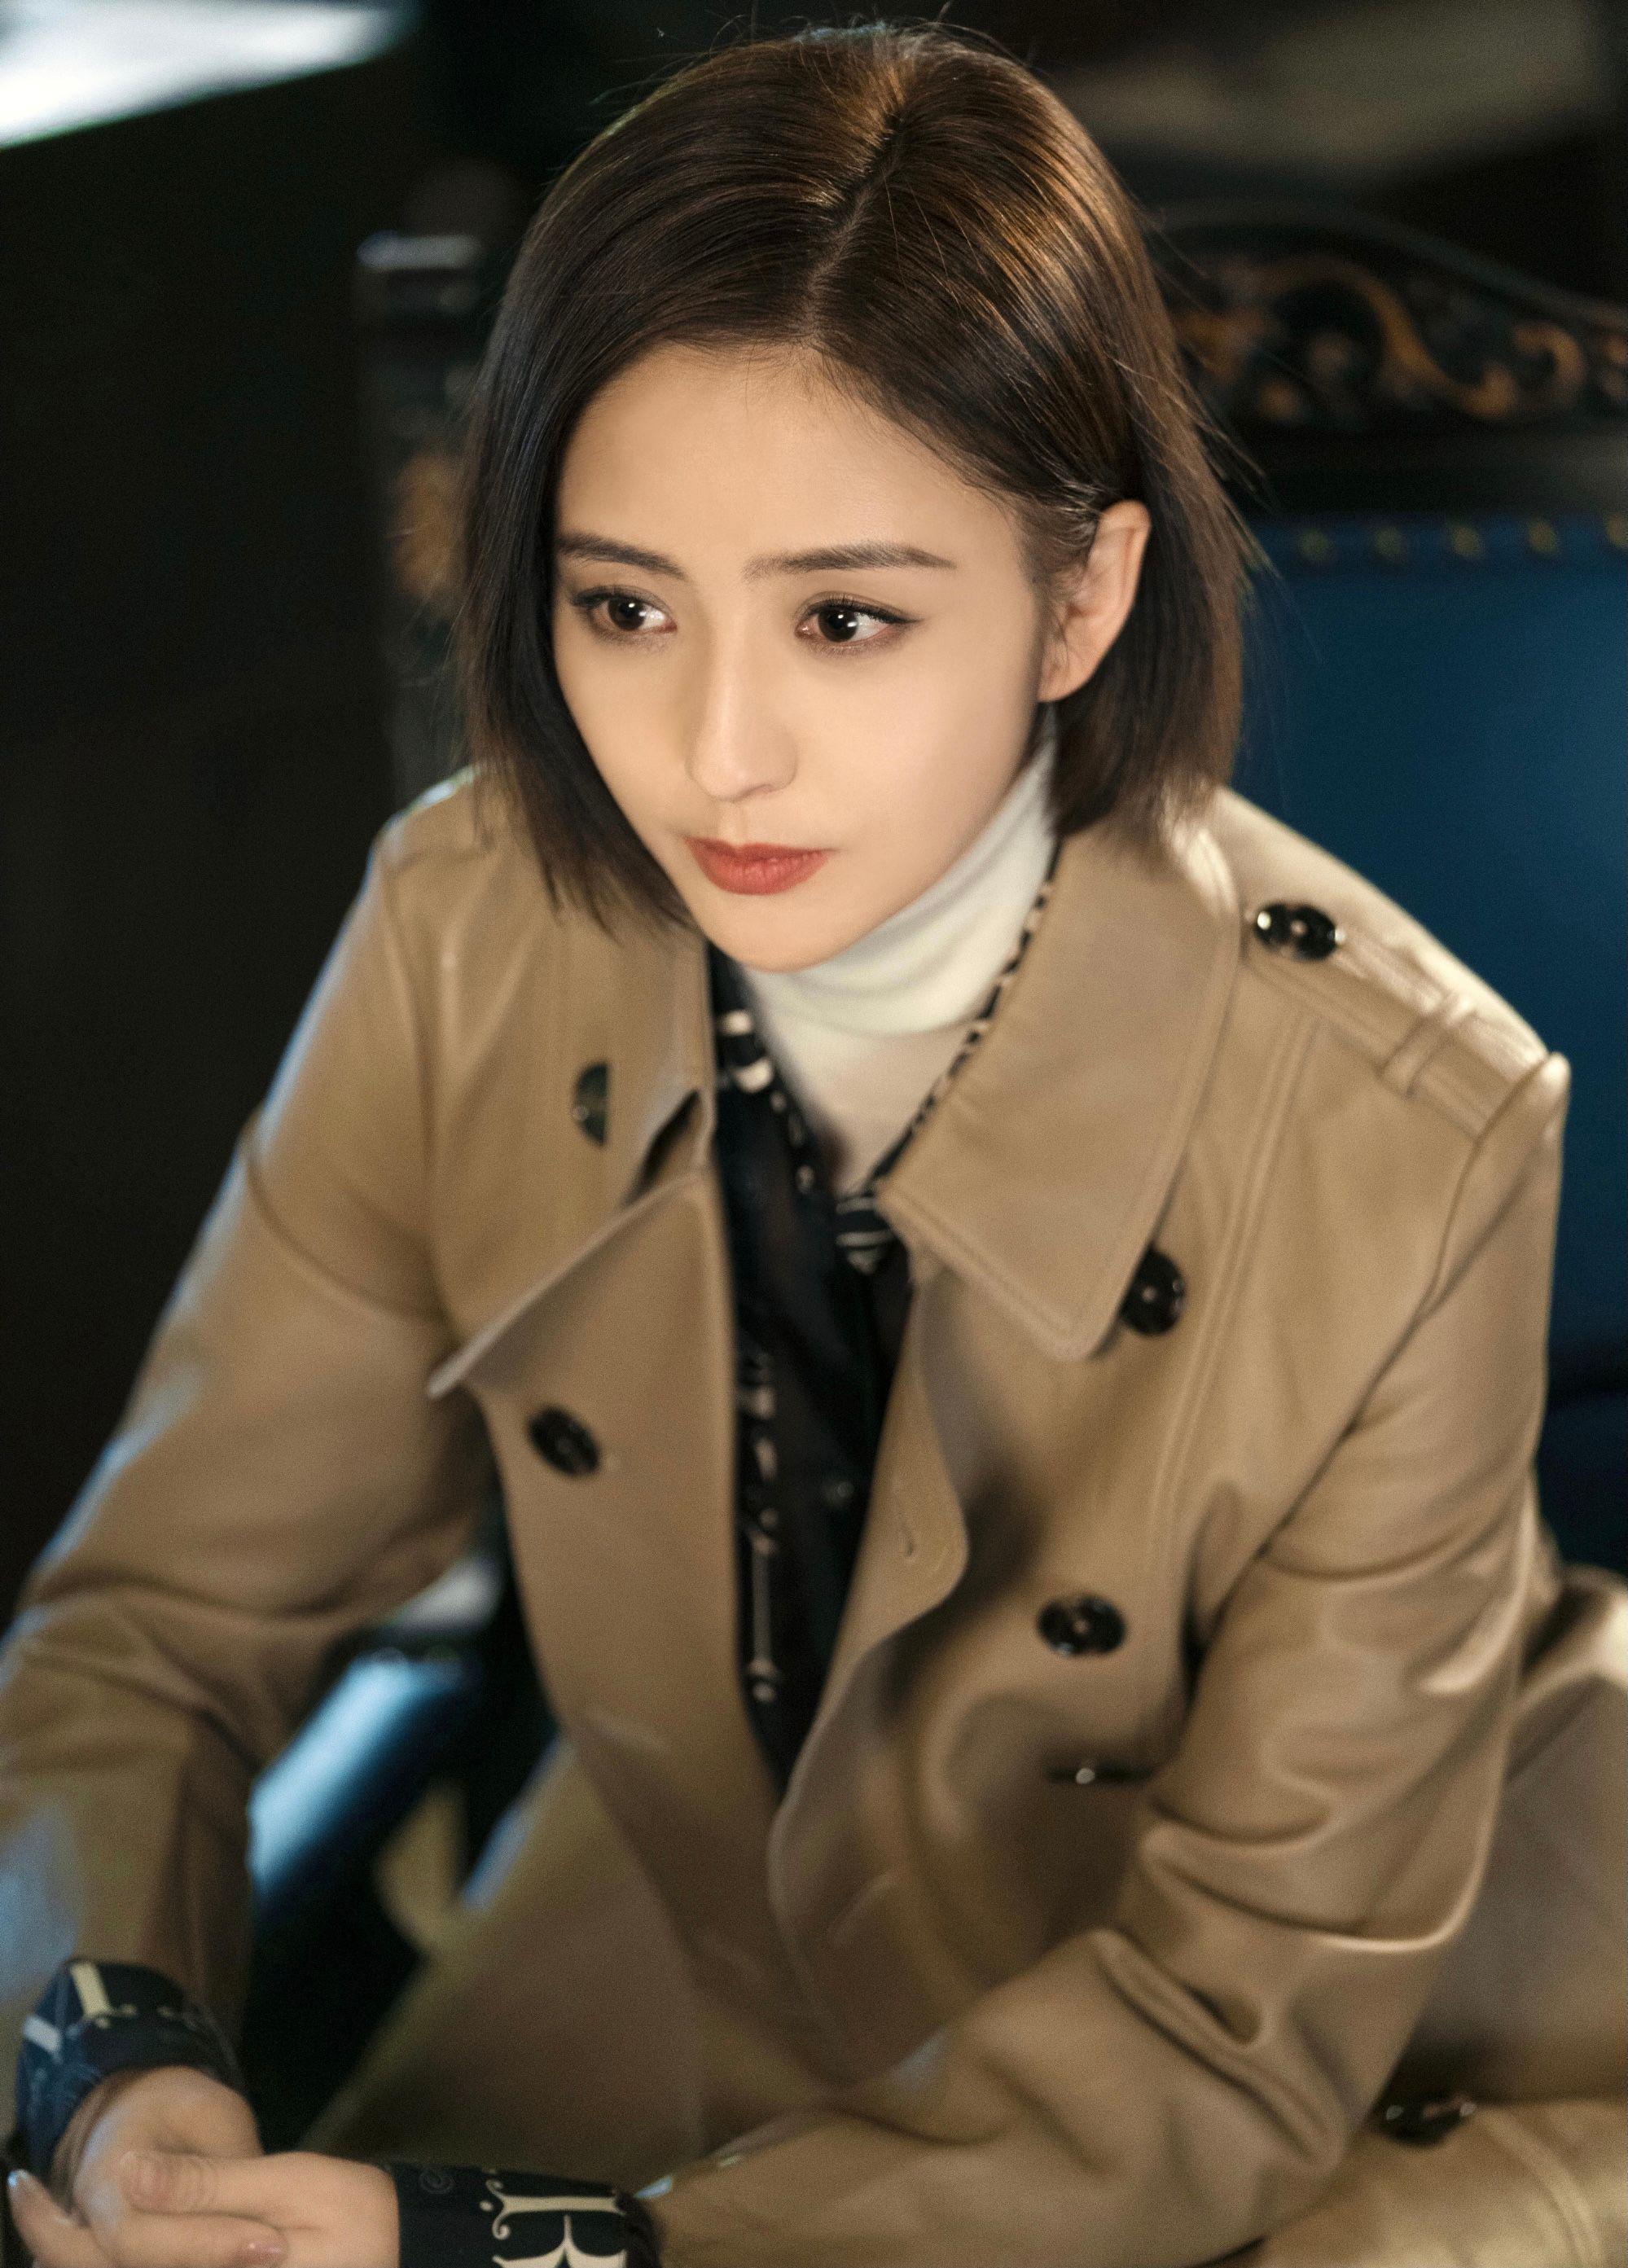 佟丽娅正面回应婚姻状态,发博澄清还顺带做广告,稳赚不赔